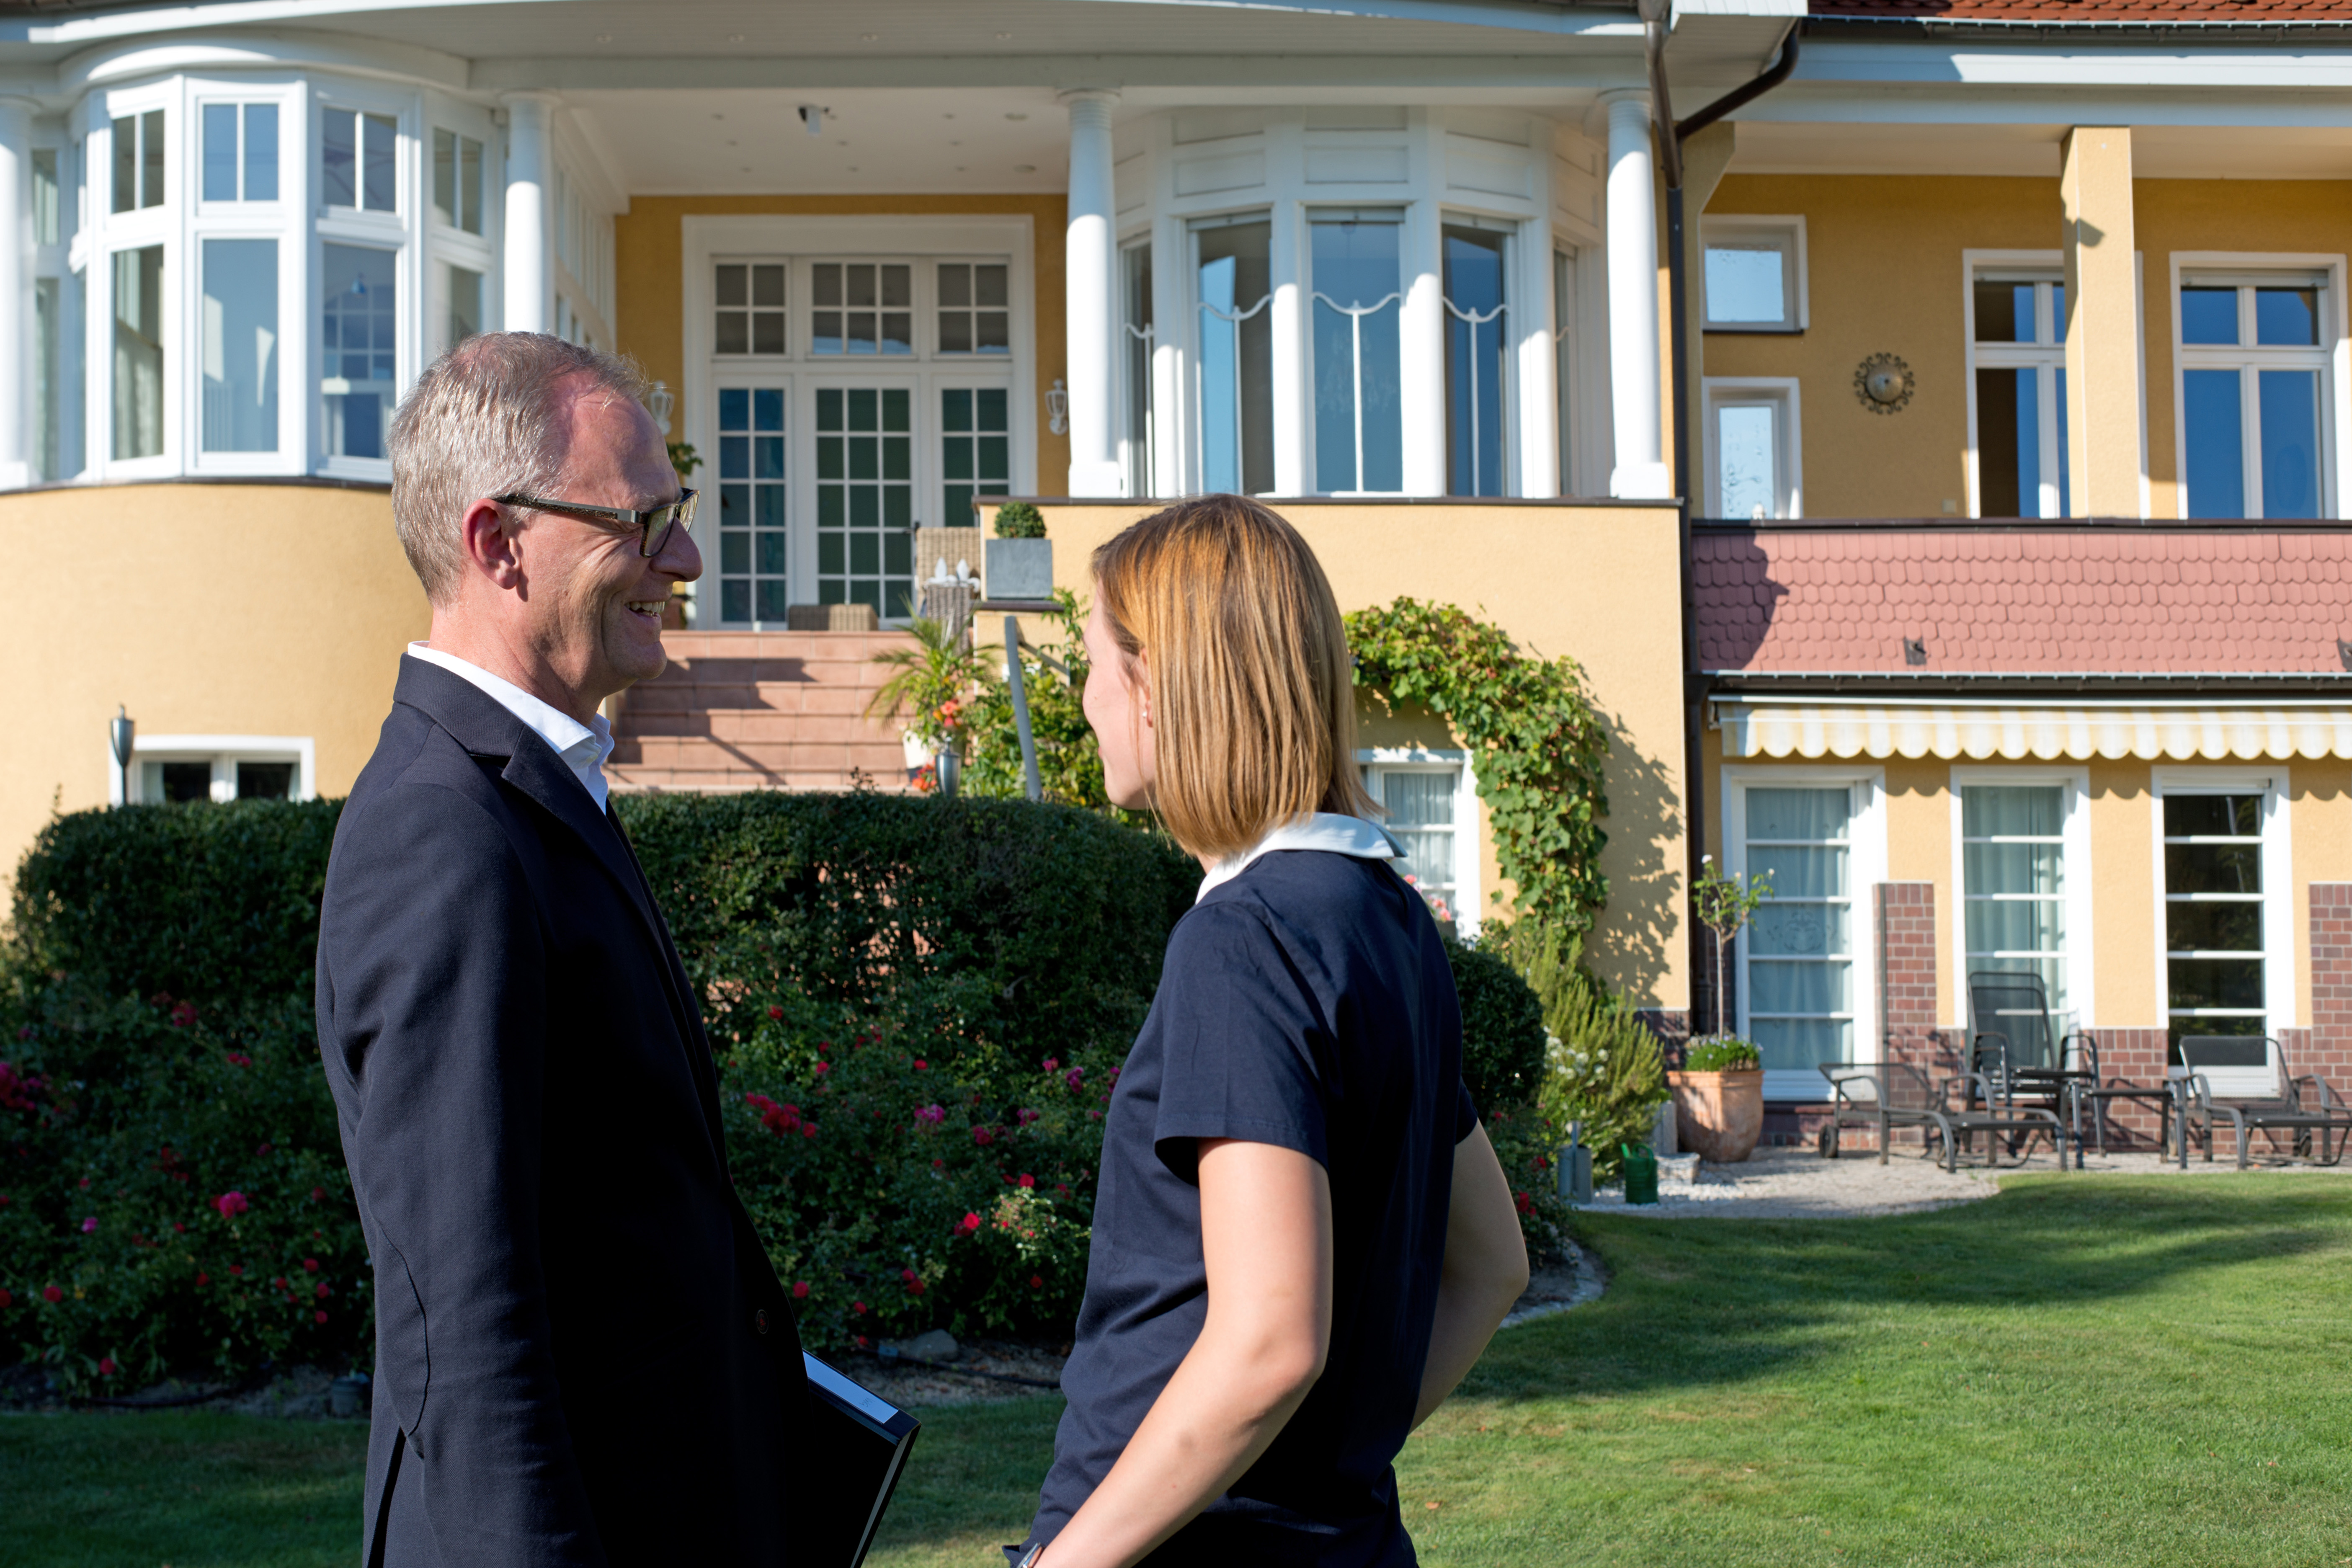 Immobilien verkaufen in Berlin - Wir sind Ihr kompetenter Partner in Treptow-Köpenick